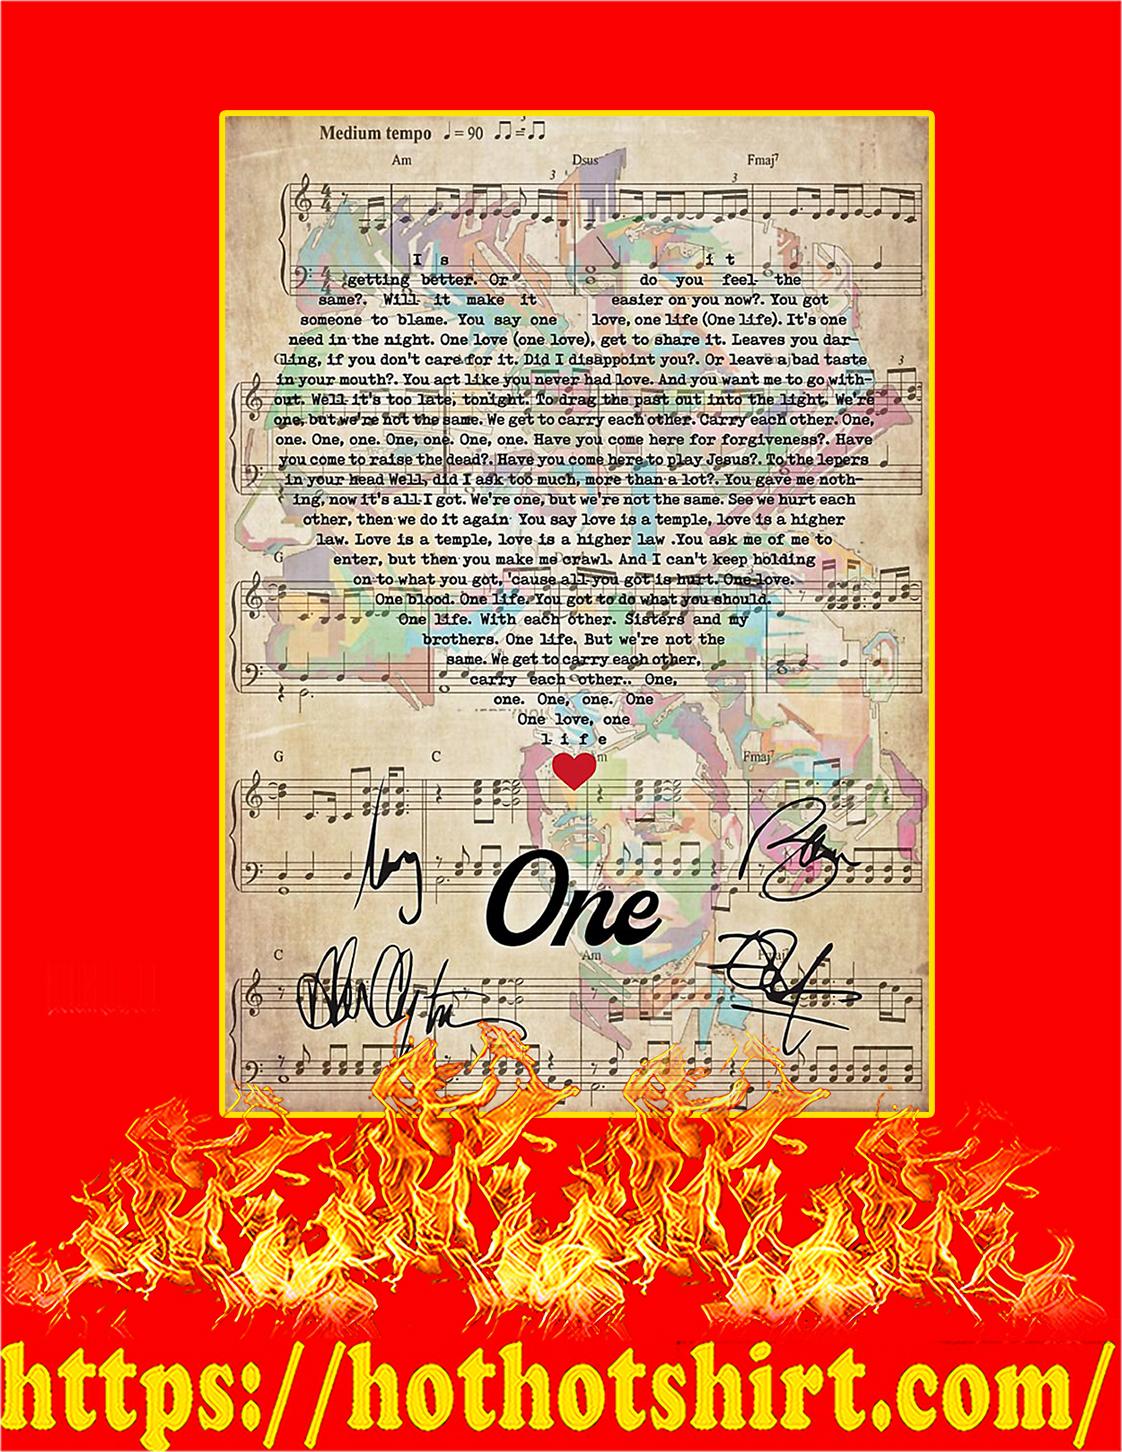 One U2 signature poster - A4